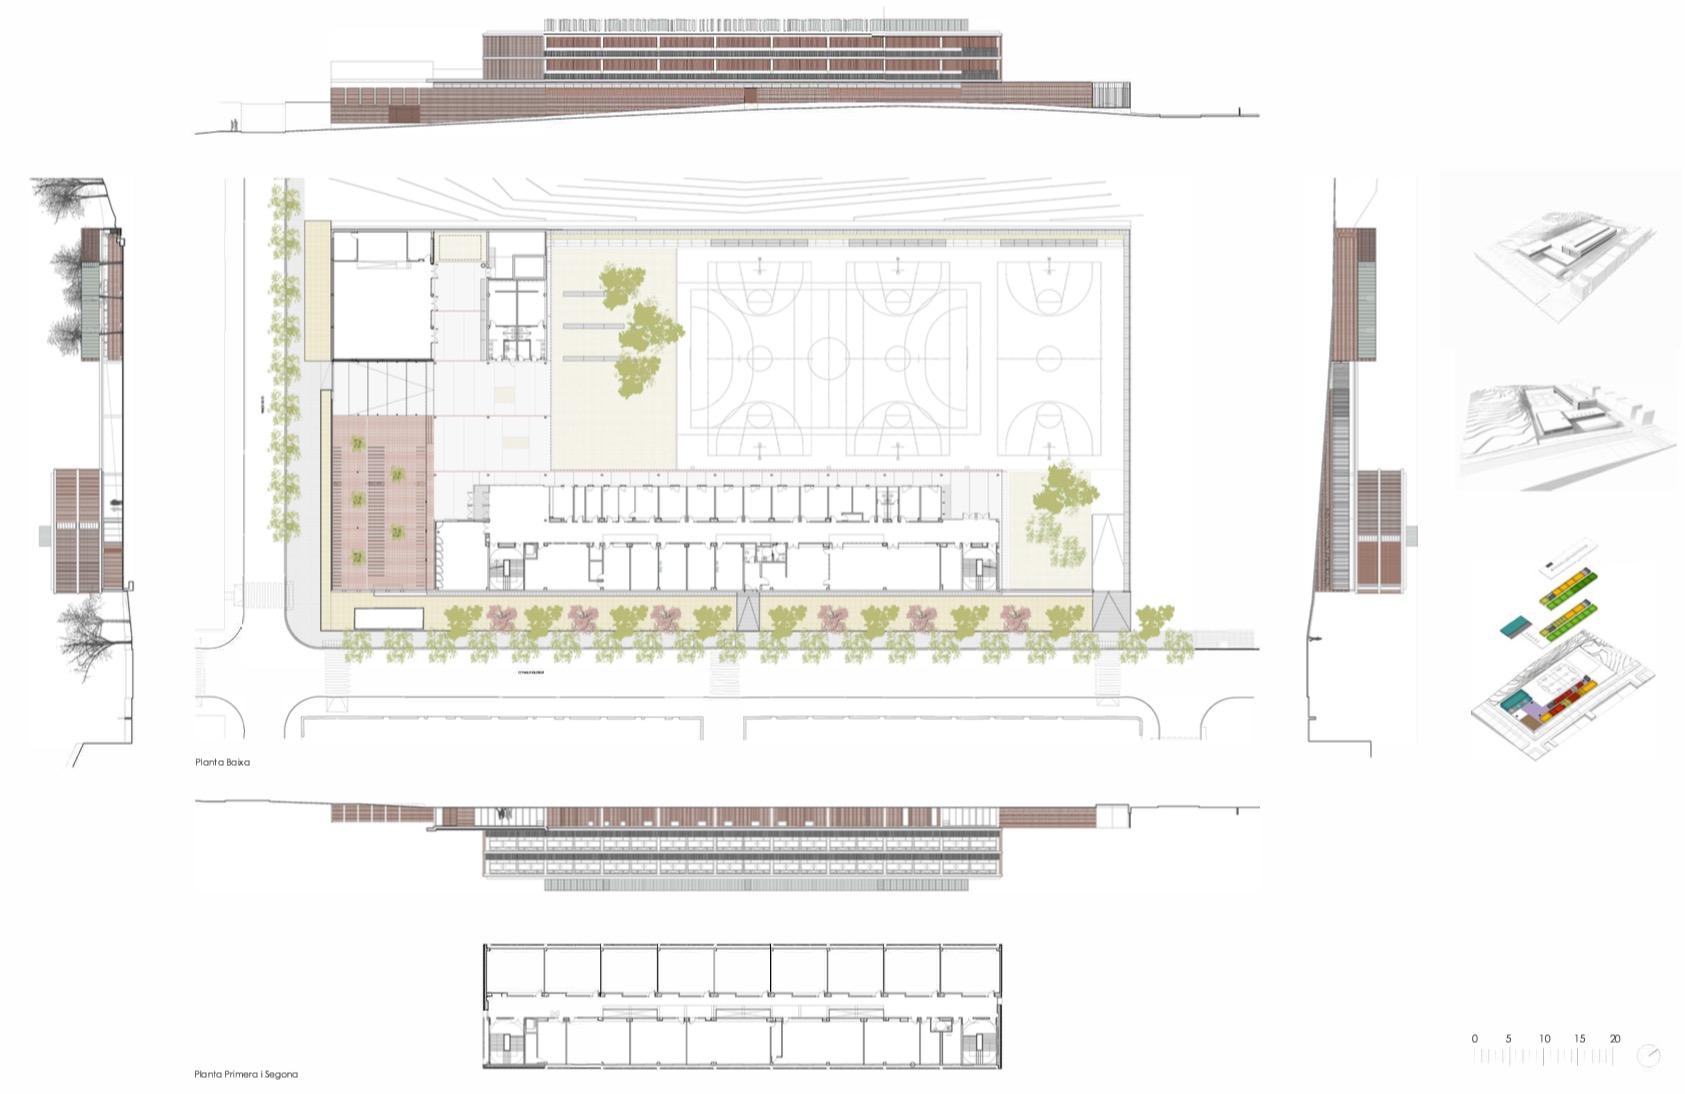 Fotografo de Arquitectura IES Aimerigues-doc